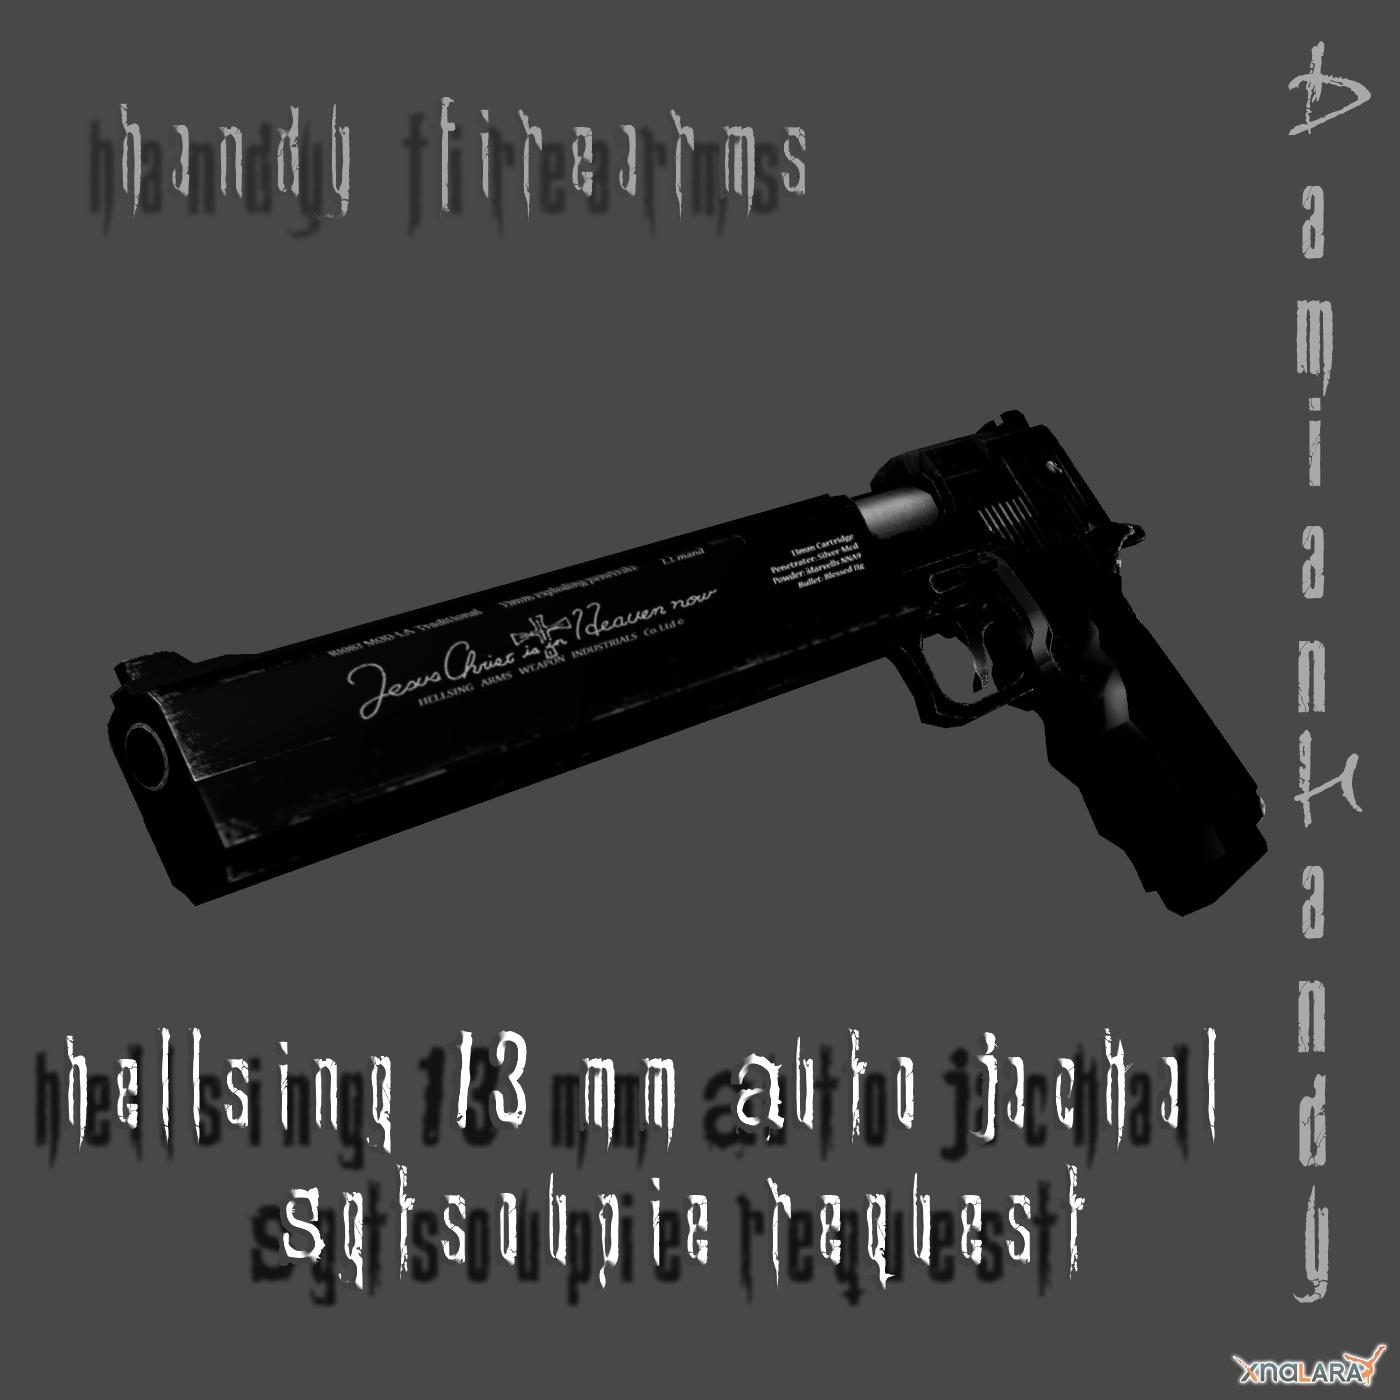 Hellsing 13mm Auto Jackal